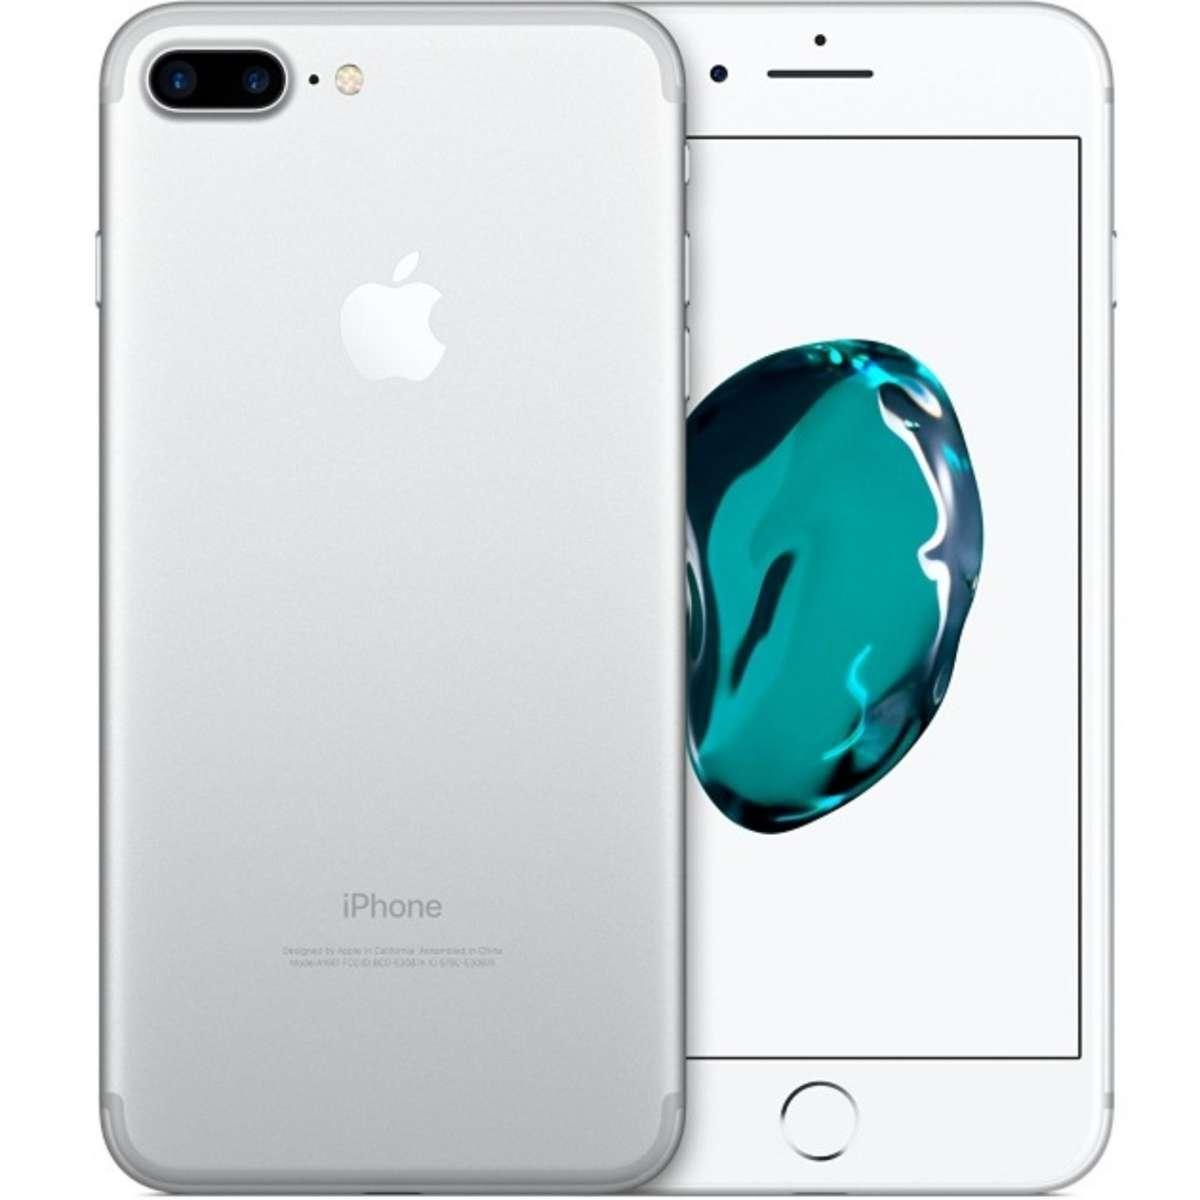 IPHONE 7 PLUS - 128 256 GB - BRAND NEW CPO NON AKTIF FULL ORIGINAL 2a0383ab57